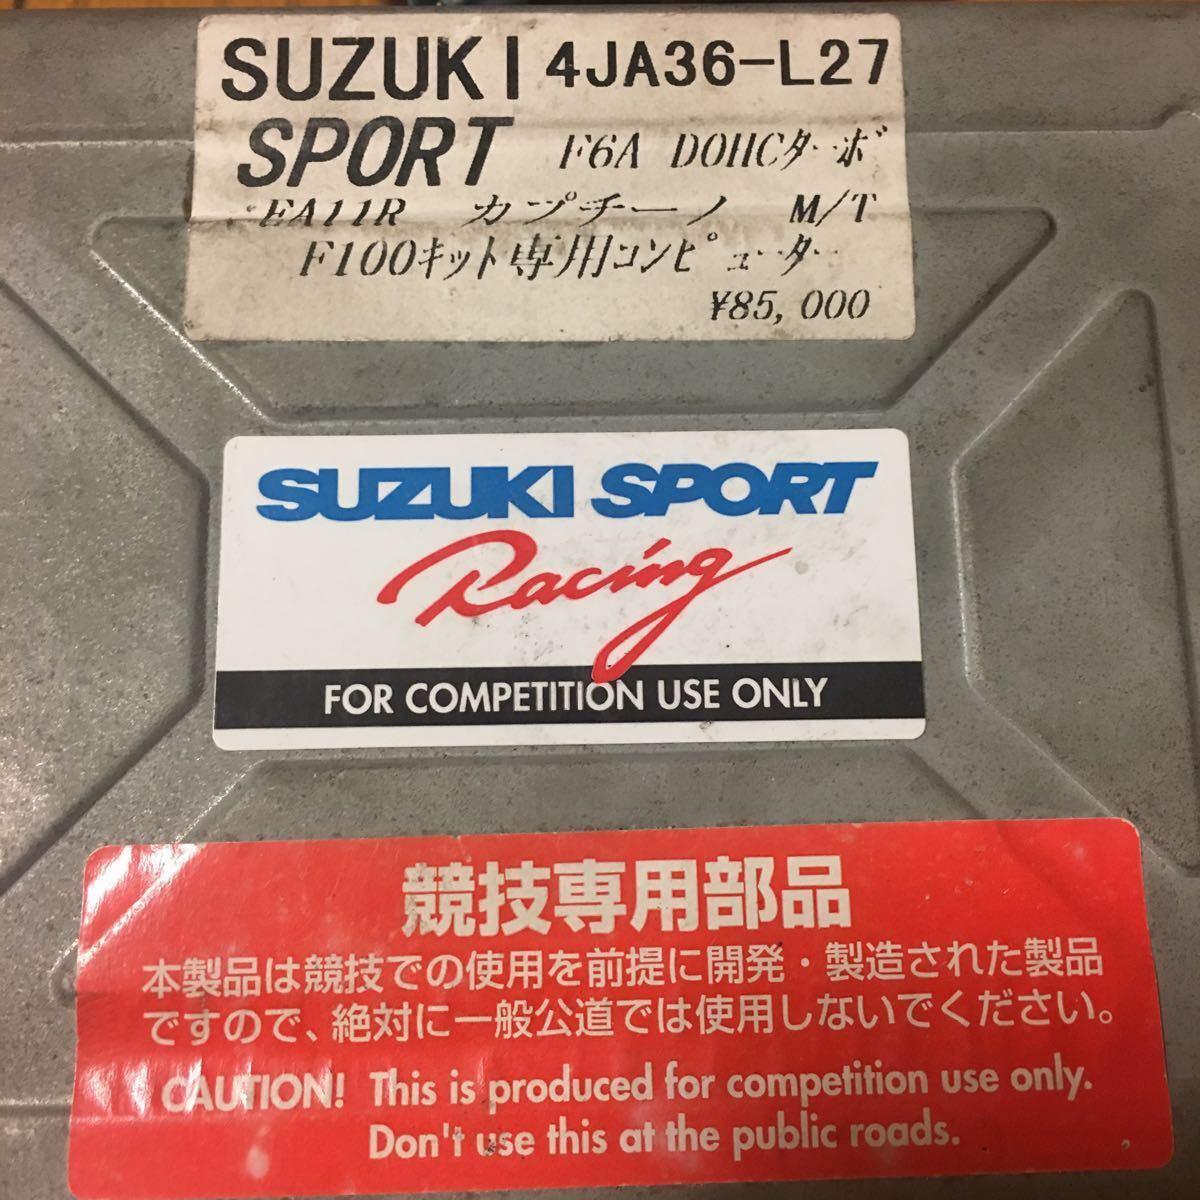 スズキスポーツ F100 キット専用コンピューター 295ccインジェクター カプチーノ EA11R AZ-1 F6A SUZUKI SPORT ECU _画像5